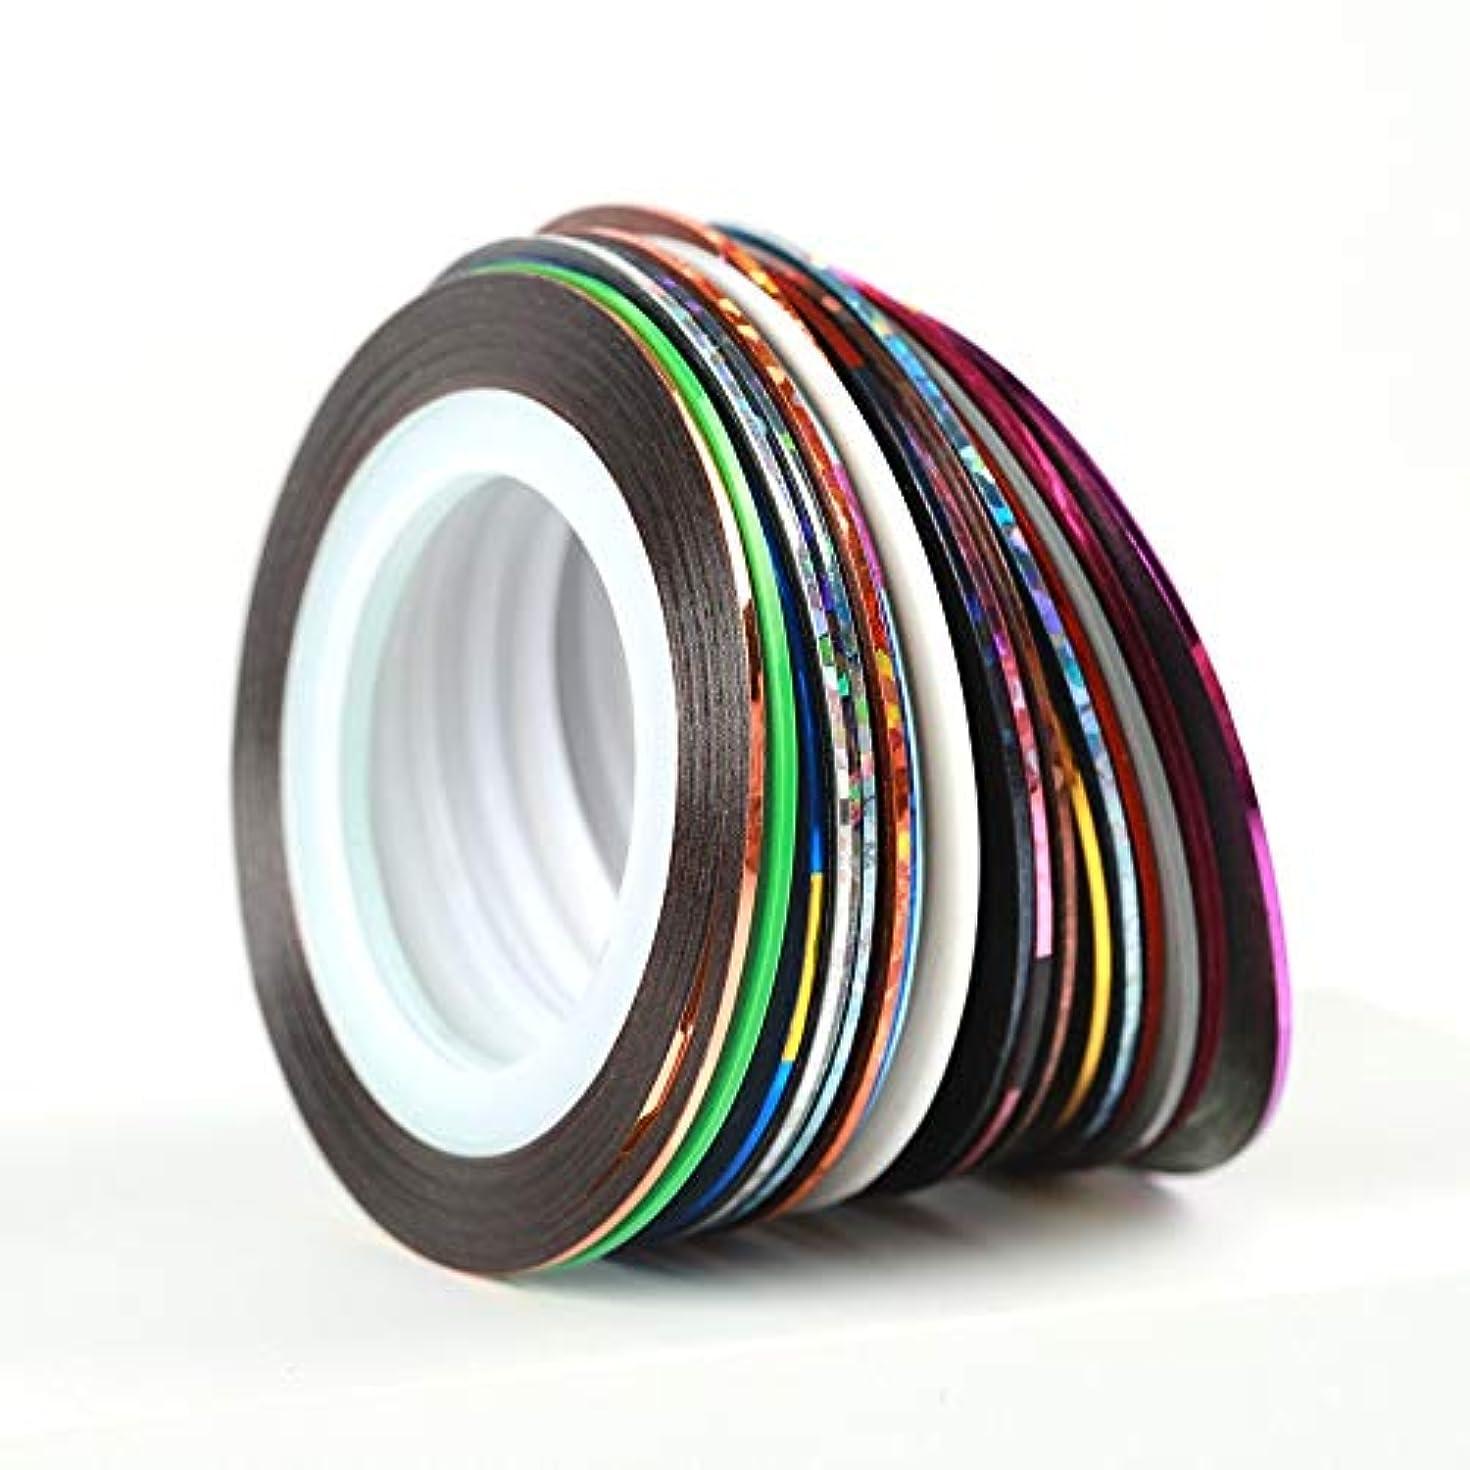 永続週末乗算30个ストライピングテープラインネイルアートデコレーションステッカーDIYネイルステッカーミックス色ロールス